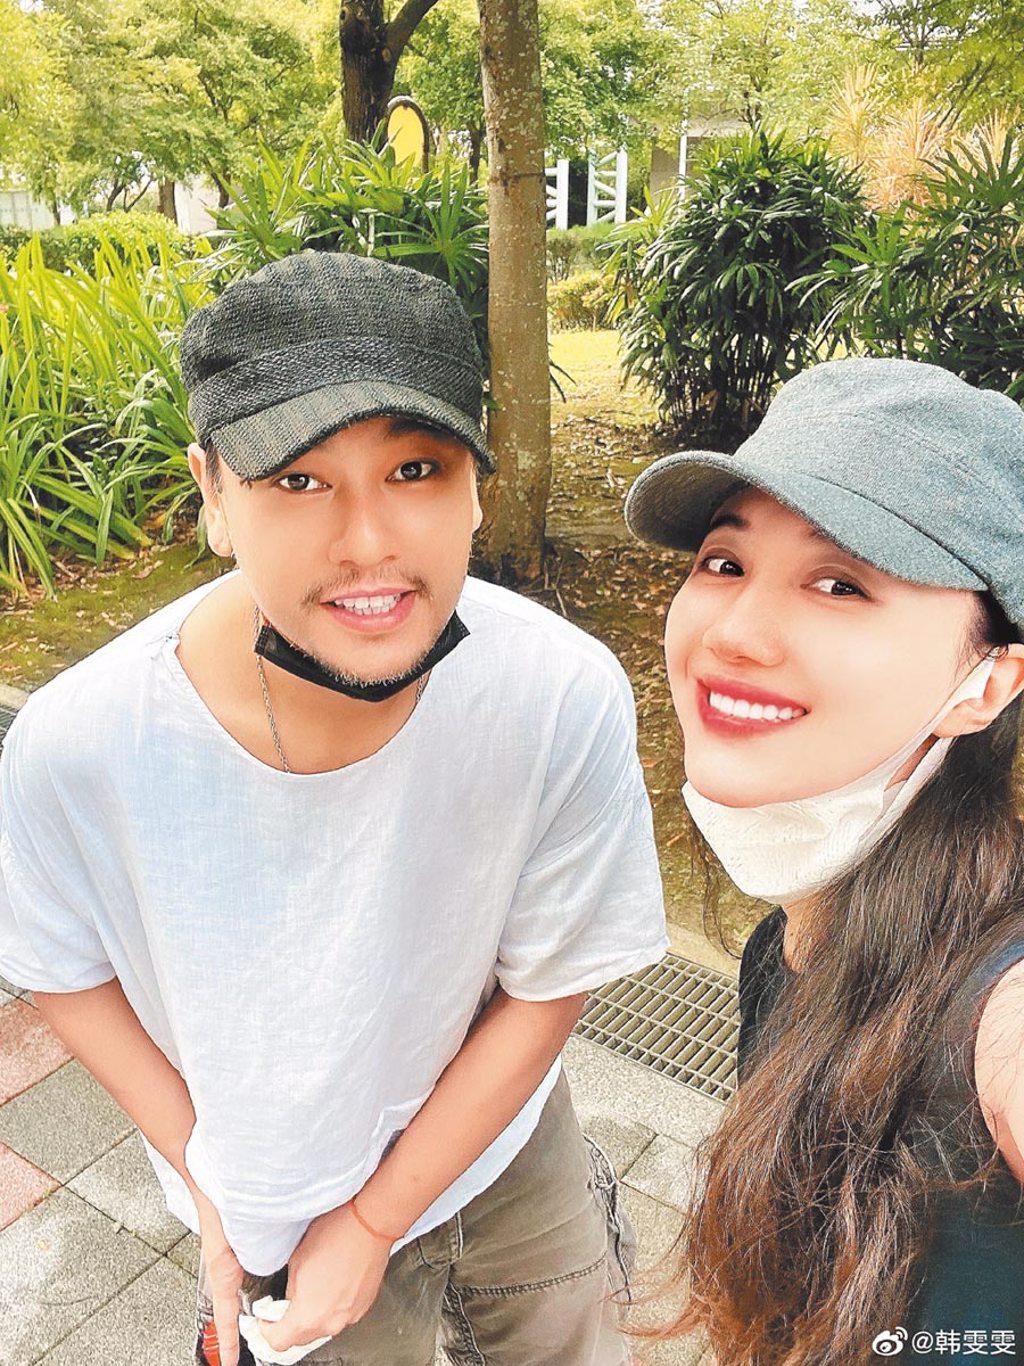 朱孝天(左)與韓雯雯結婚4年,昨曝生子計畫暫緩。(摘自微博)